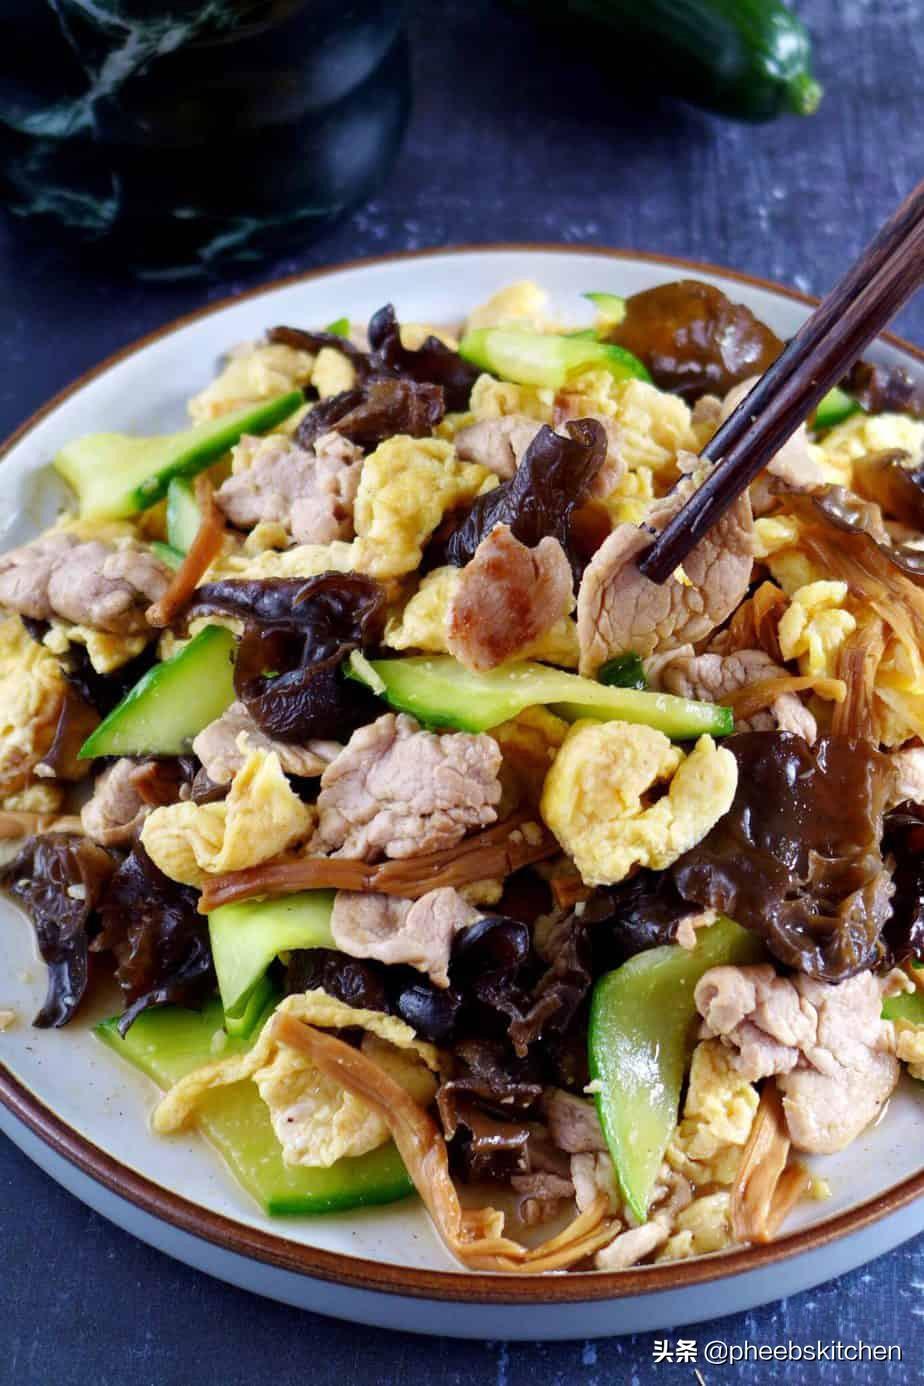 山东传统菜木须肉,营养丰富,很适合老人和孩子,家常做法 美食做法 第7张